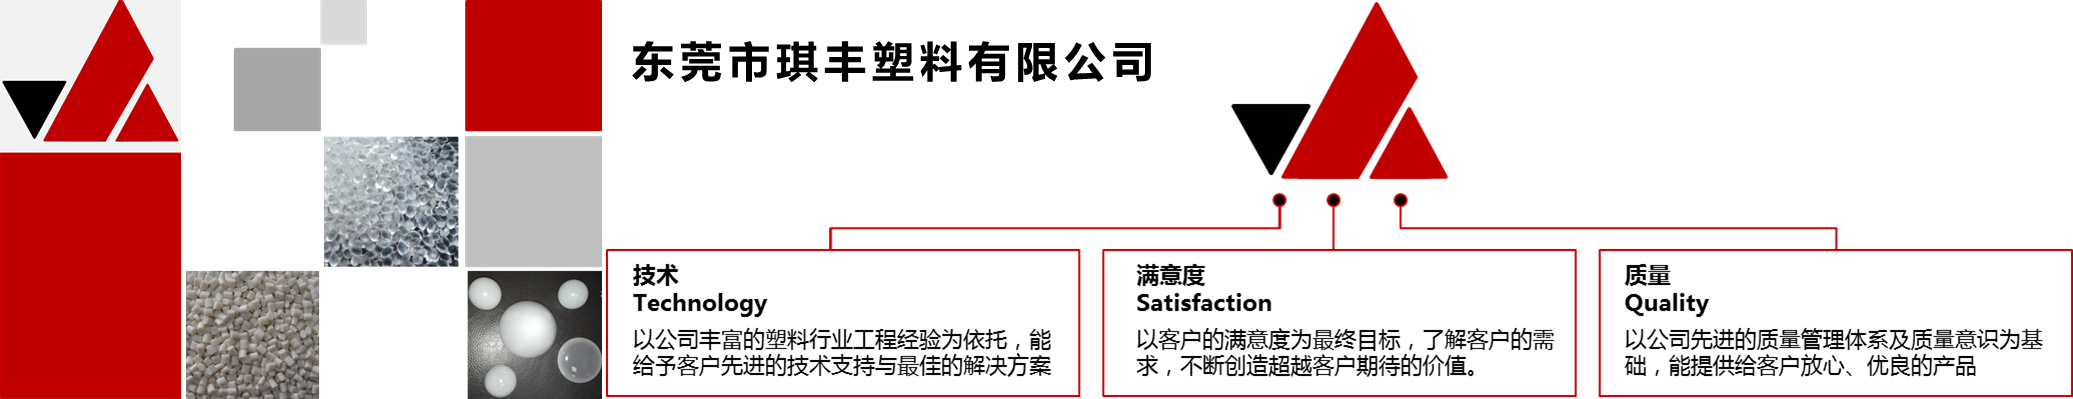 产品网站横幅素材